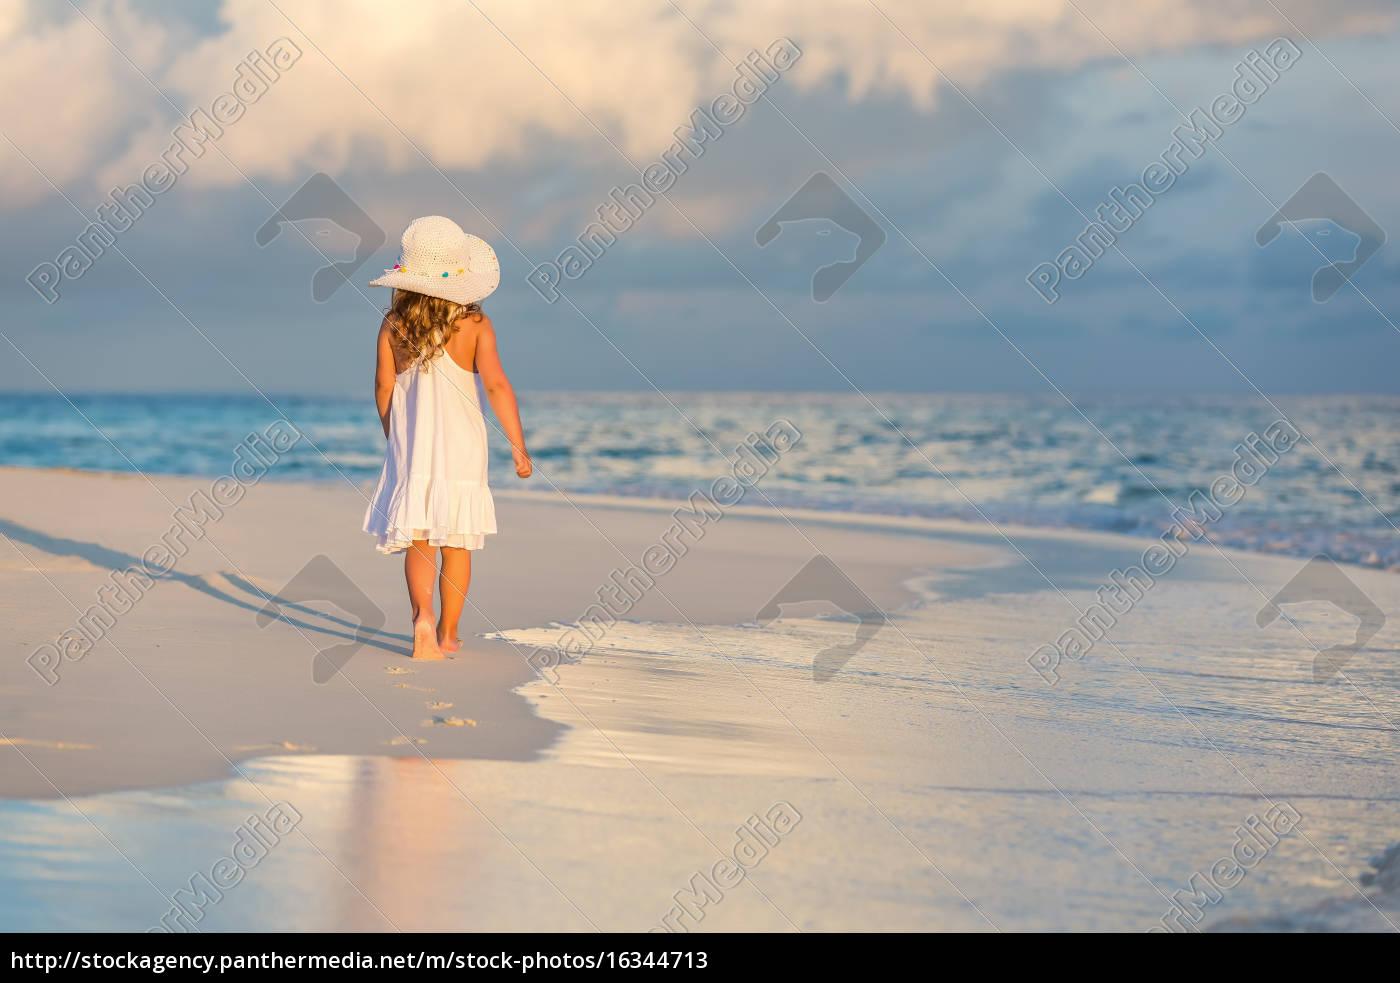 little, girl, on, the, beach - 16344713